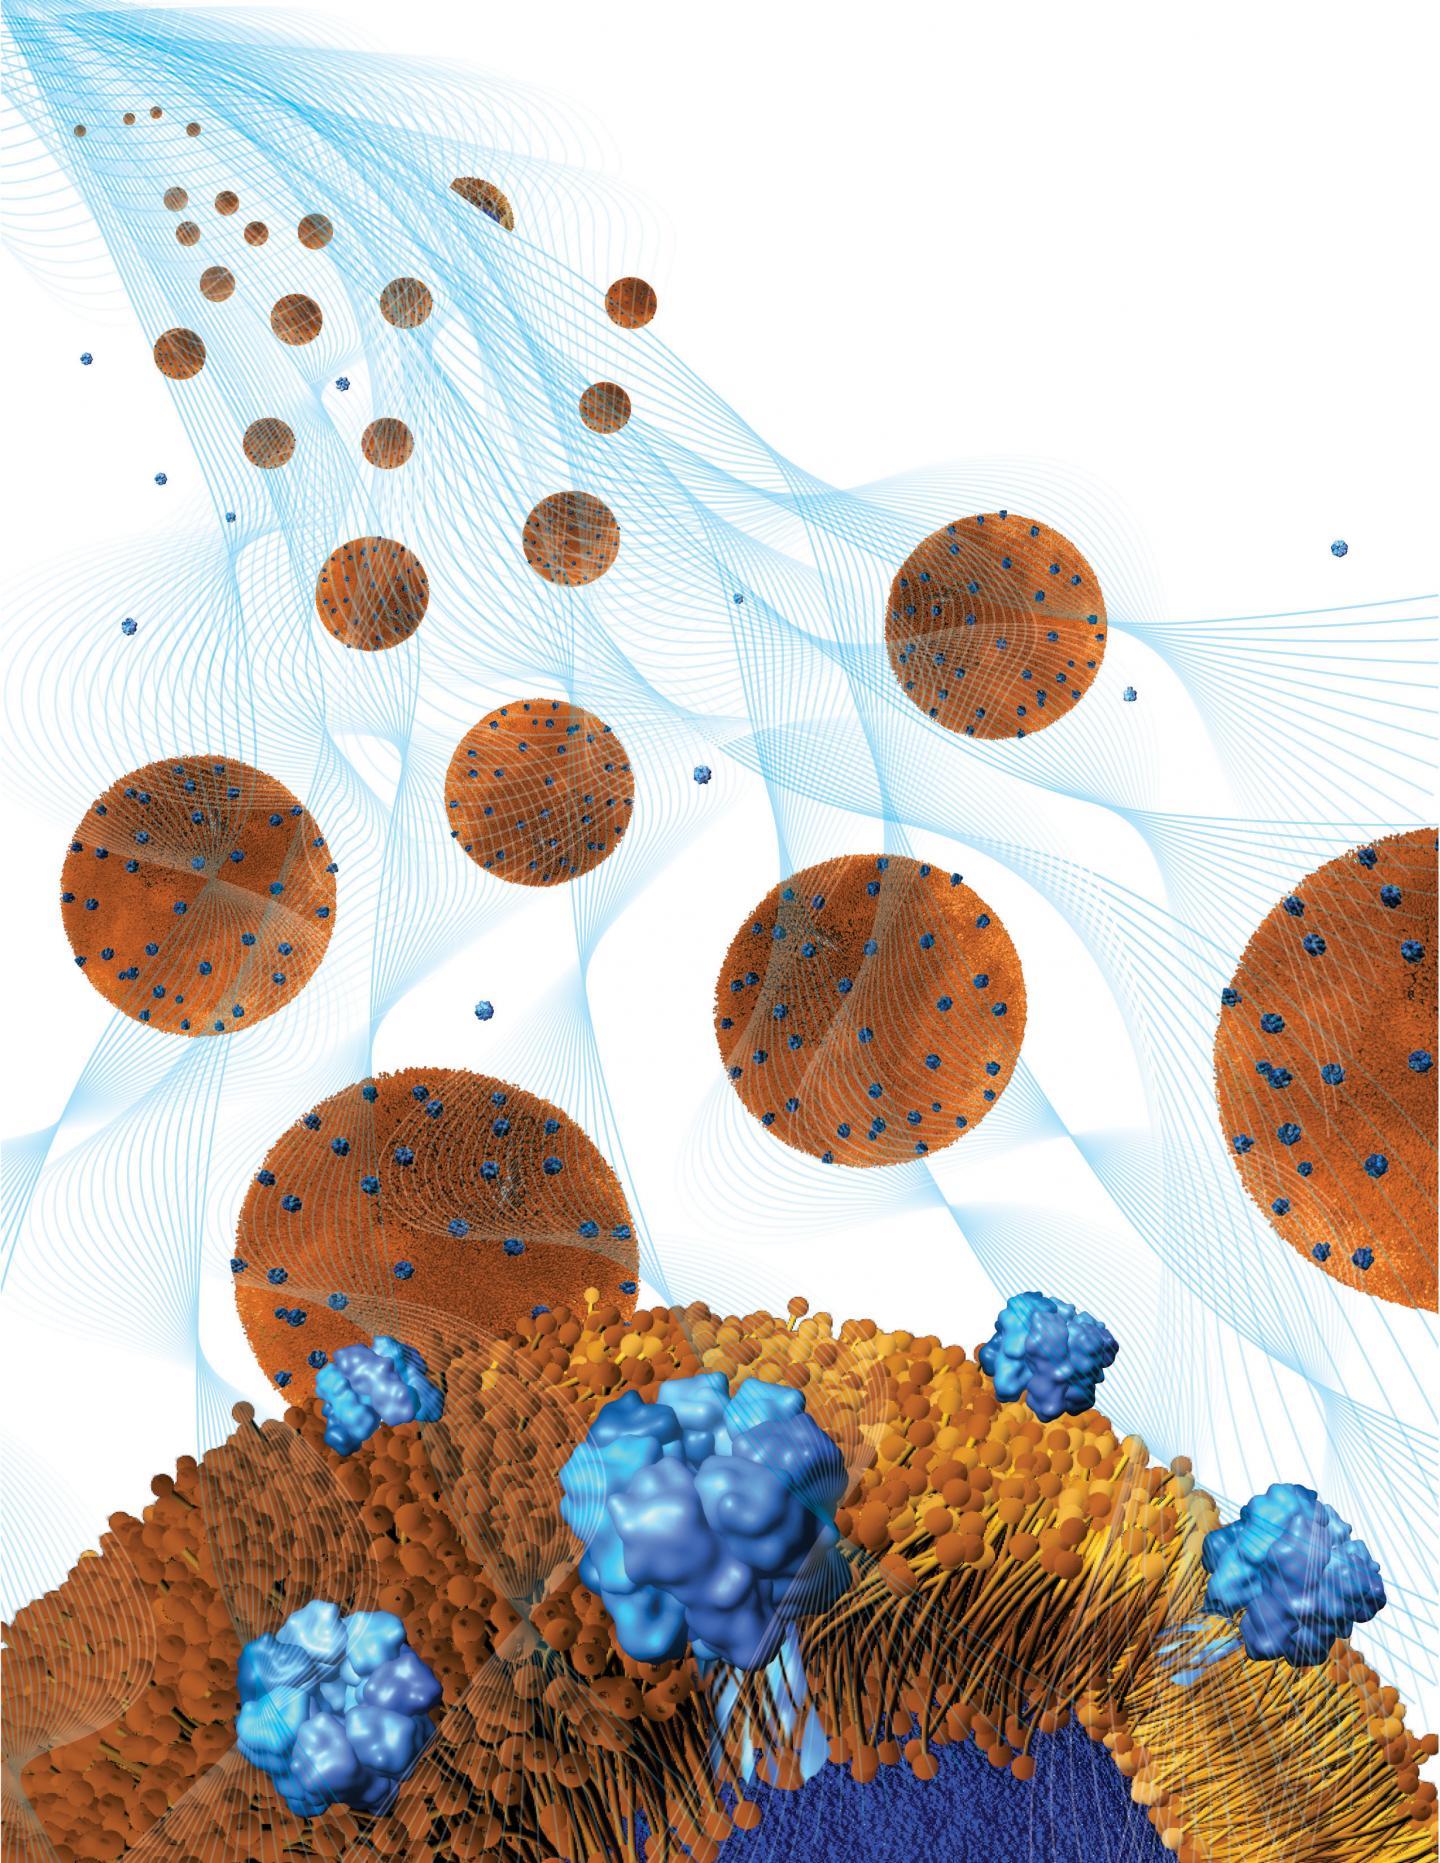 Nanoesponjas absorbentes de toxinas bacterianas, ubicadas dentro de un hidrogel. Fuente: Weiwei Gao/Jacobs School of Engineering/UC San Diego.